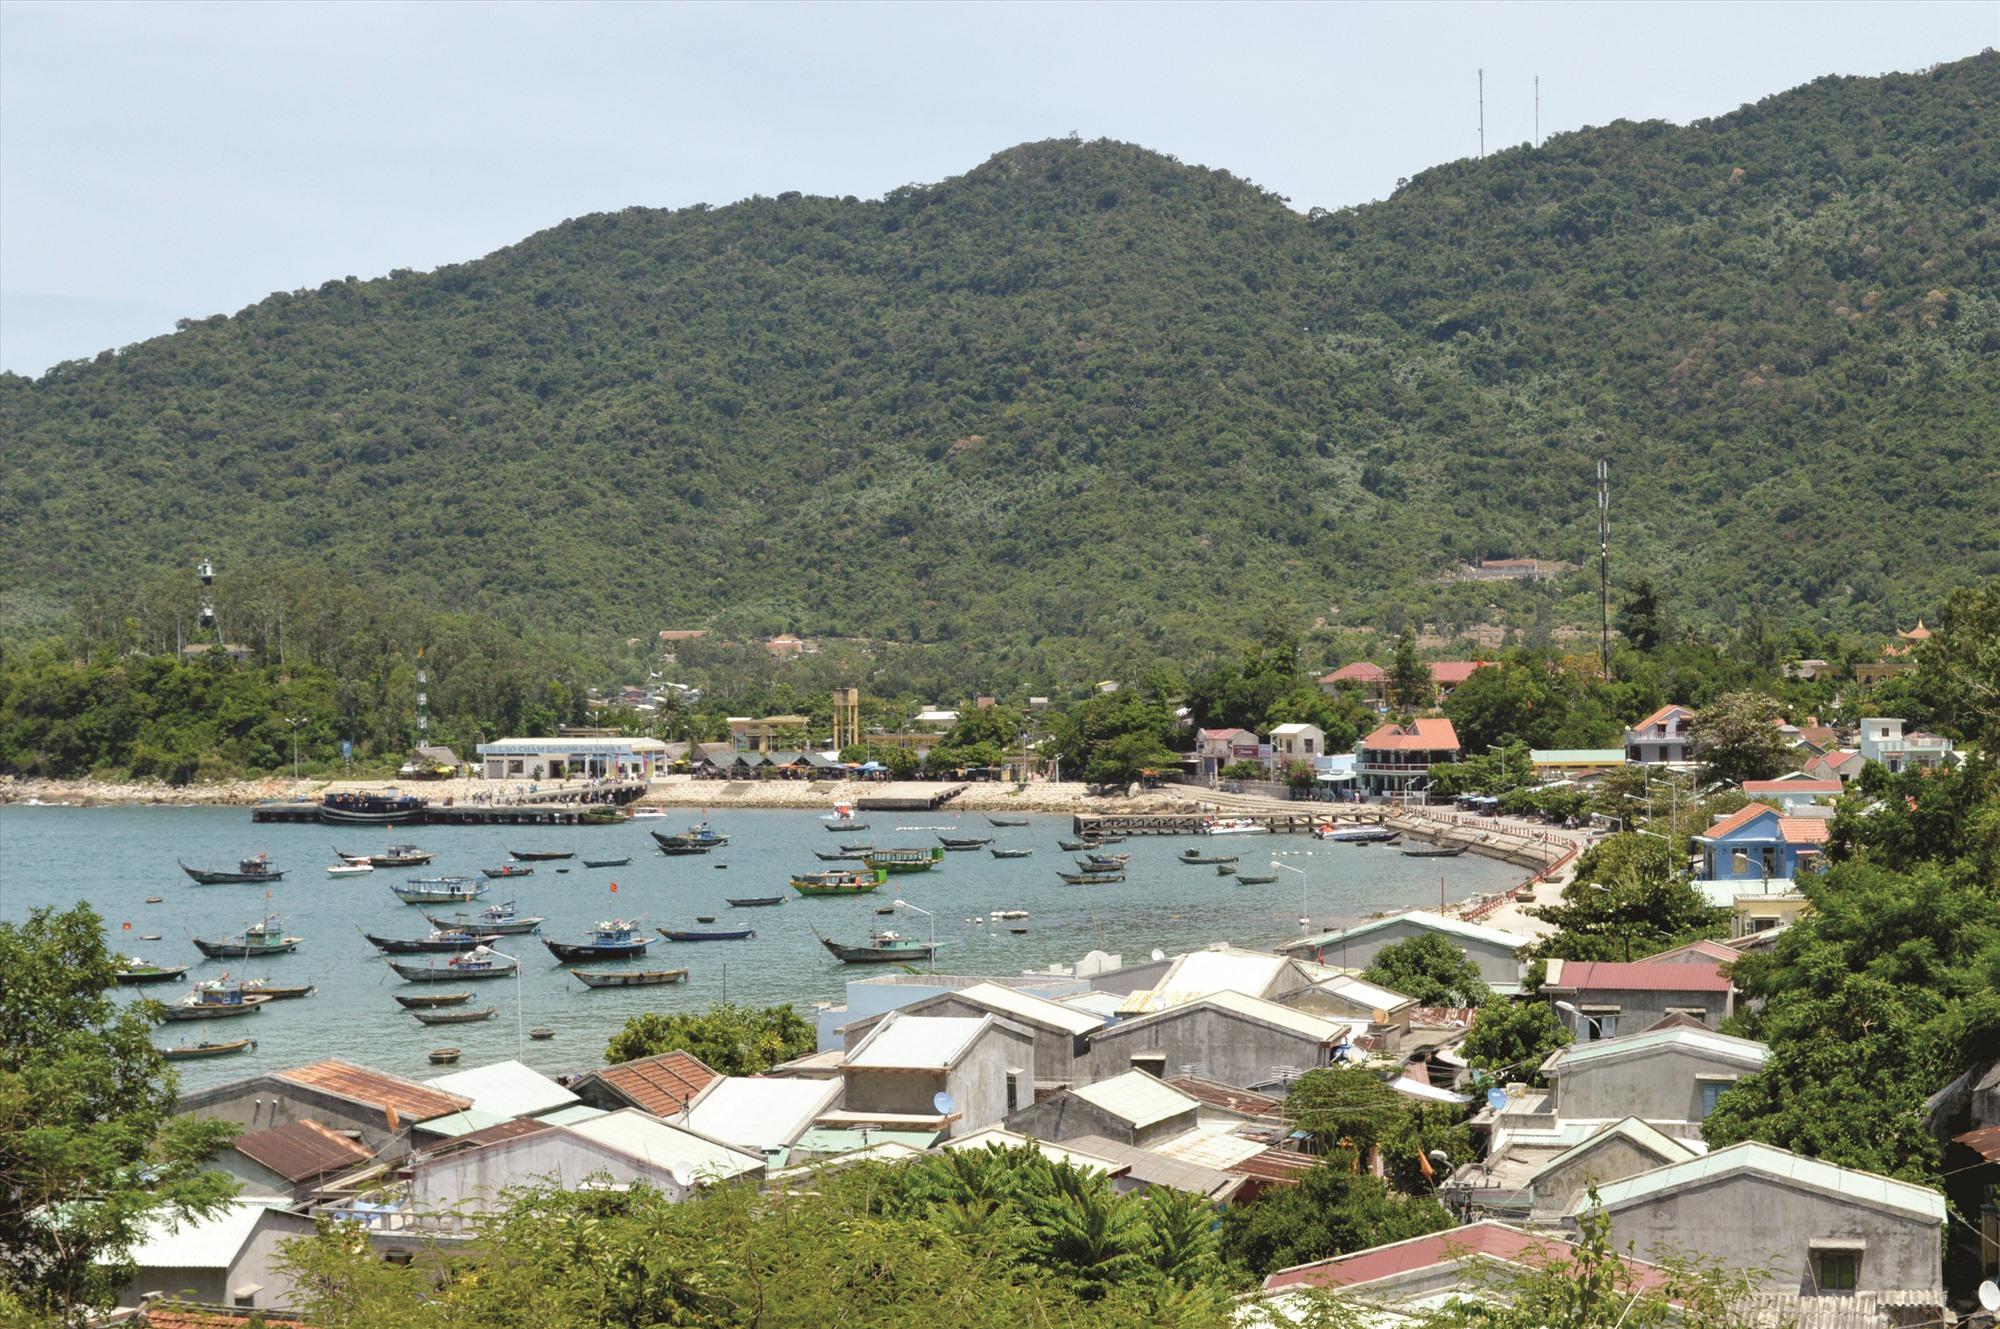 Thời gian tạm ngưng đón khách vừa qua đã giúp hệ sinh thái khu bảo tồn biển Cù Lao Chàm được phục hồi tốt hơn. Ảnh: V.LỘC